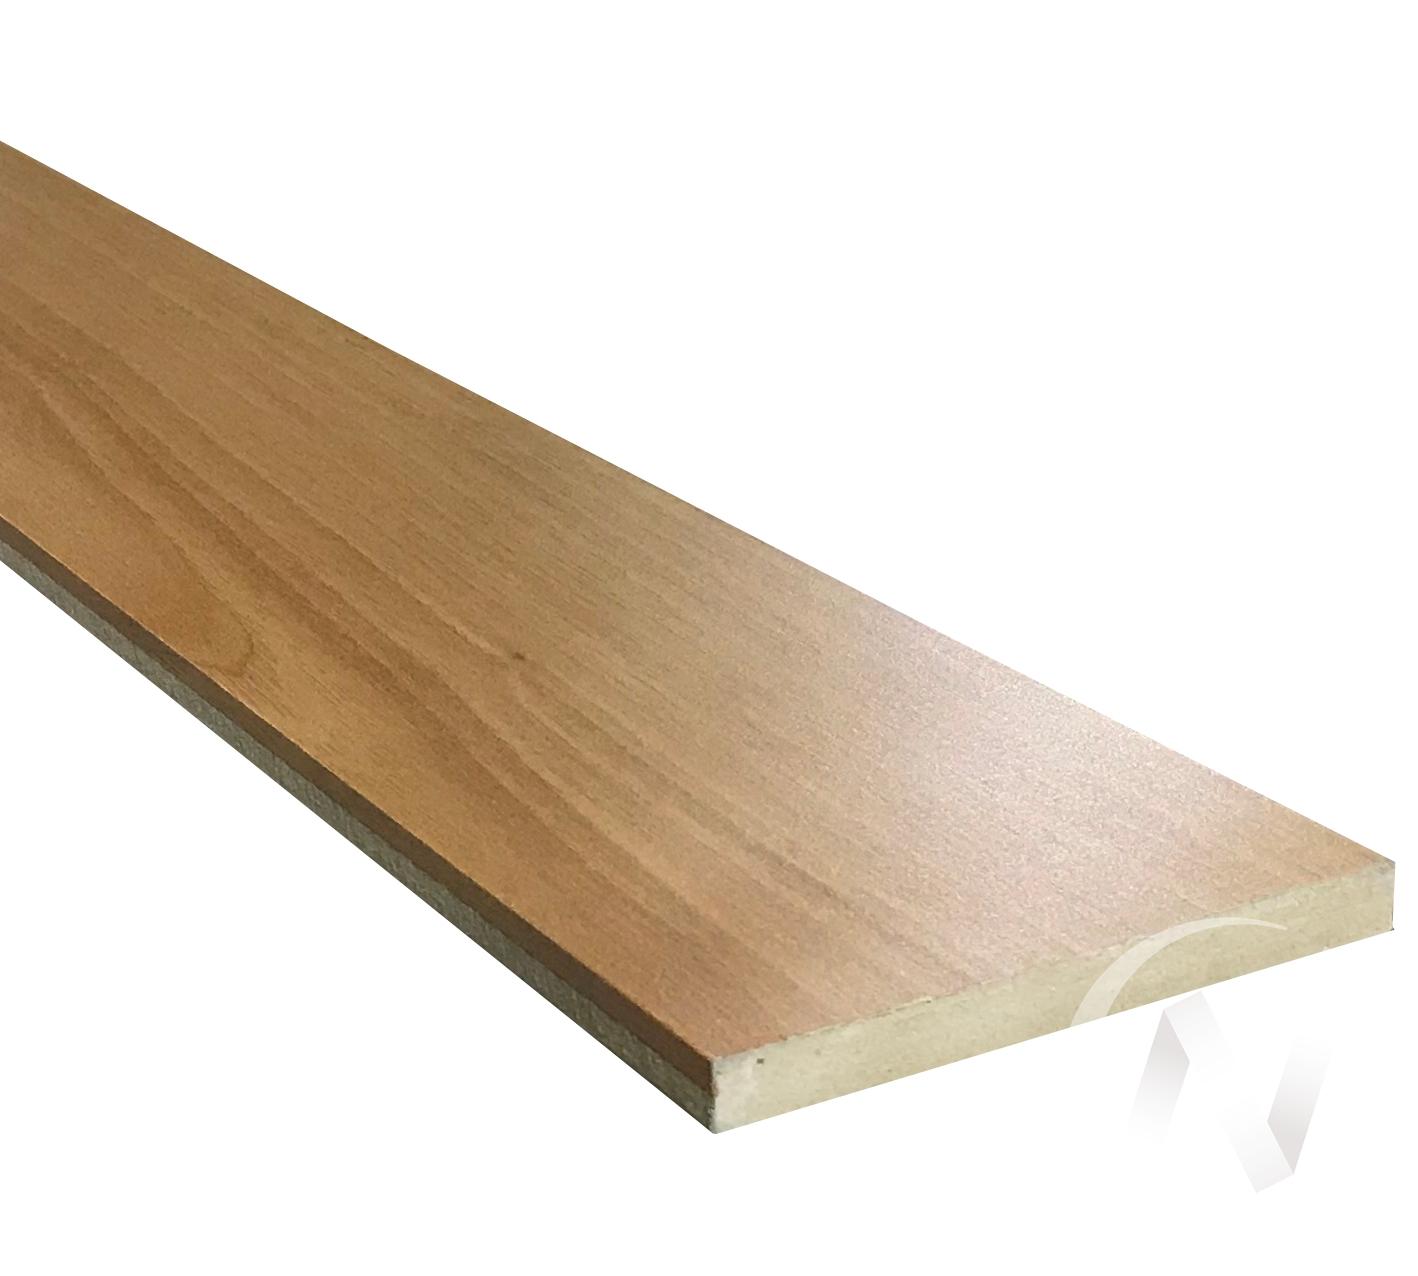 Добор ламинированный (200*10*2070, миланский орех)  в Томске — интернет магазин МИРА-мебель